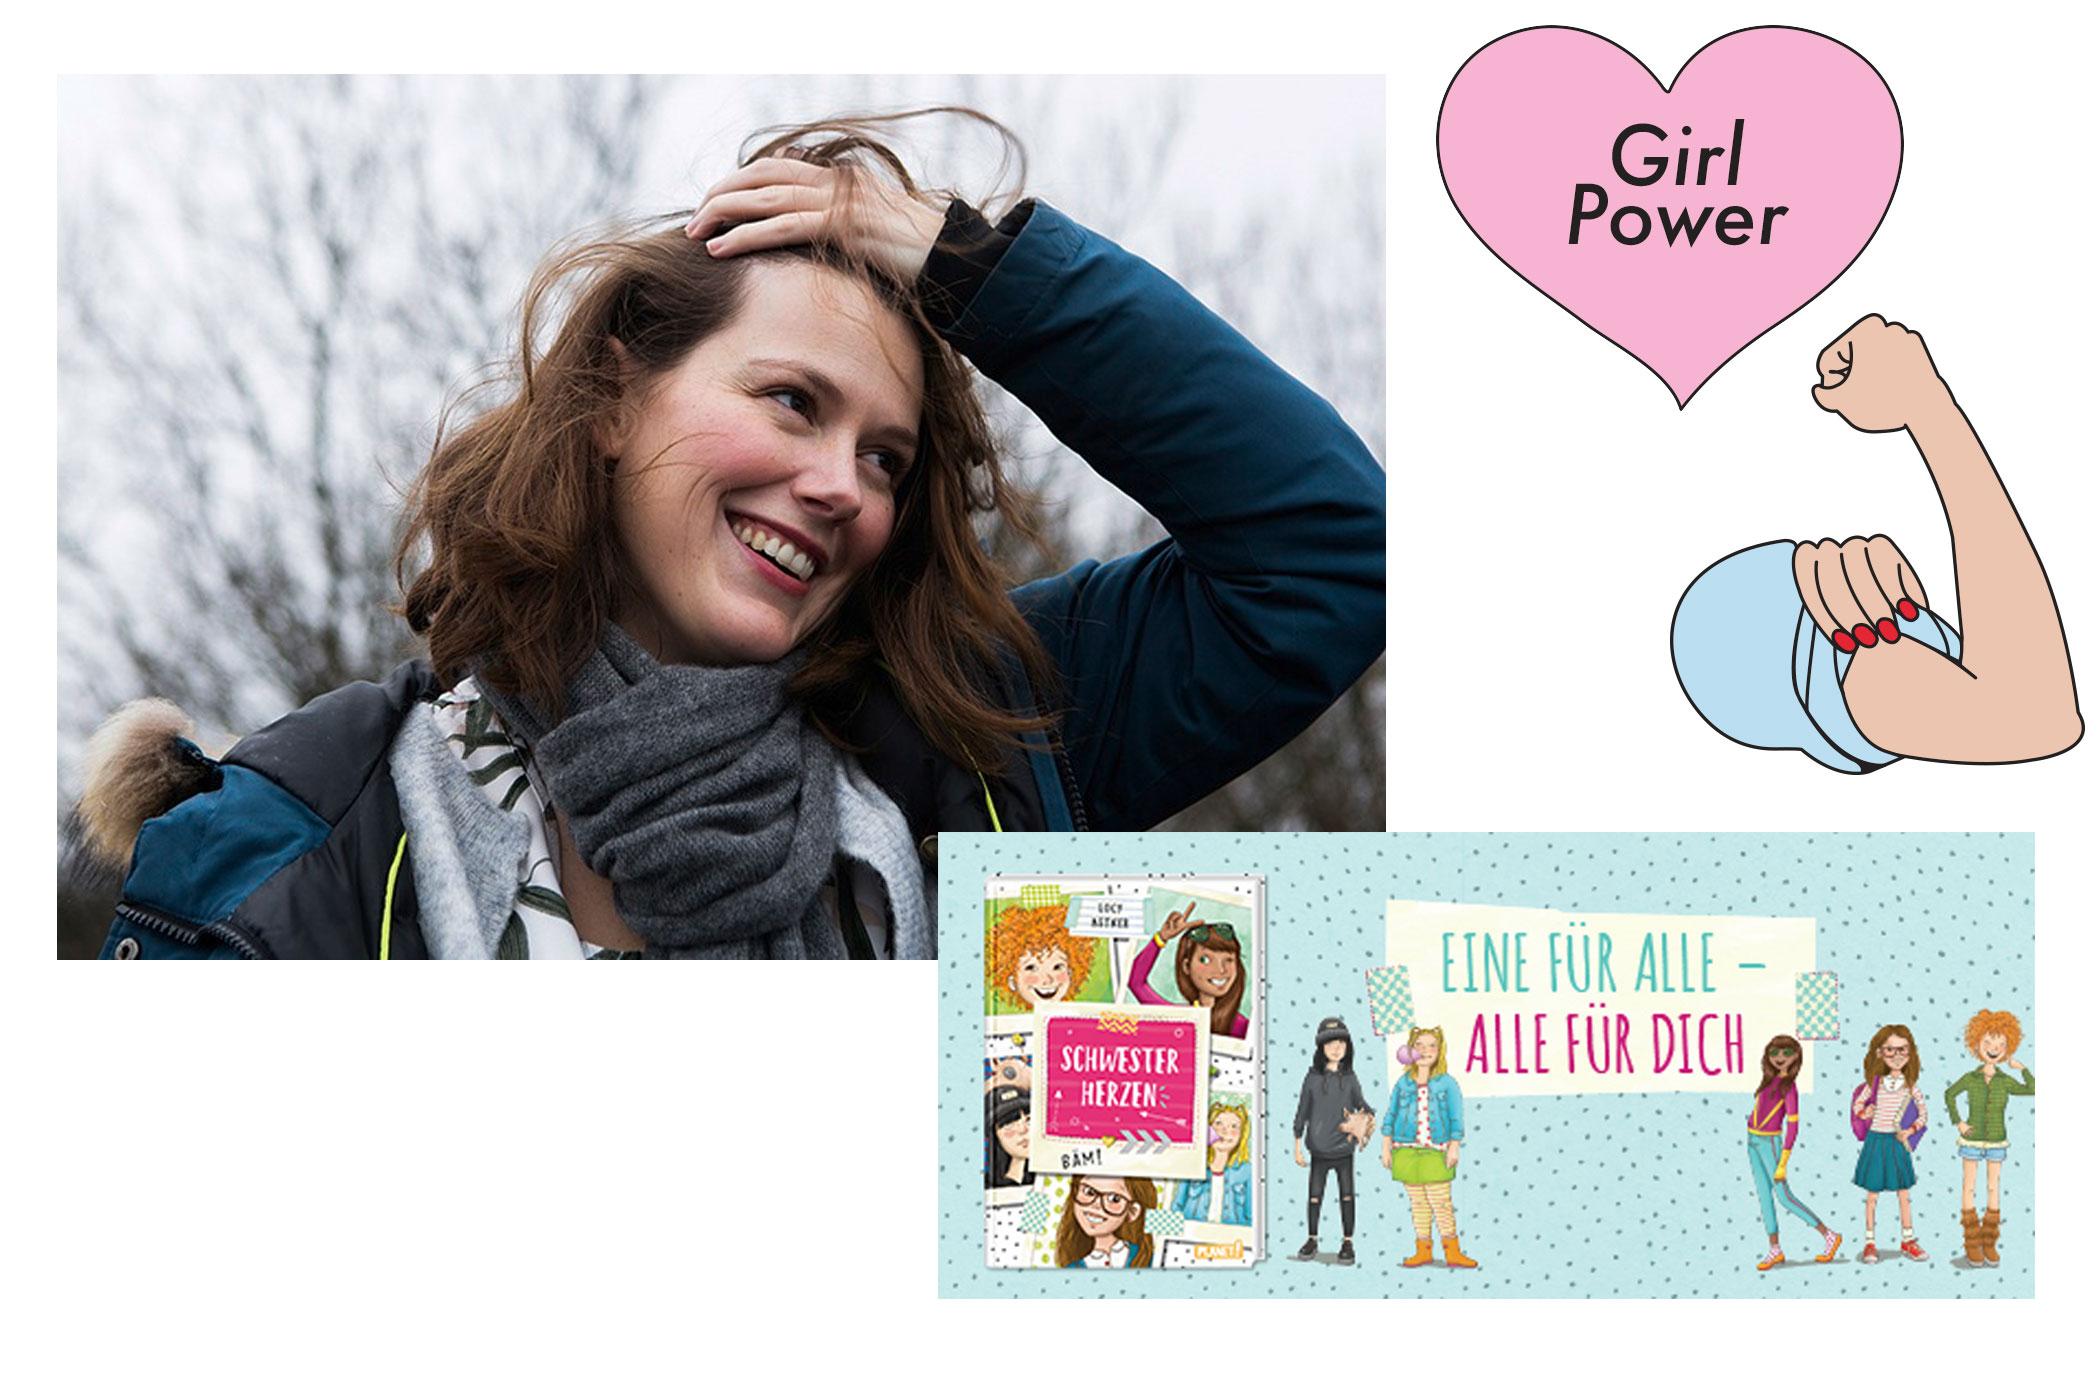 Lucy Astner hat schon in einer Homestory über ihren Job als Drehbuchautorin gesprochen. Am 15. Januar erschien ihre neue Kinderbuchreihe. Credit: femtastics